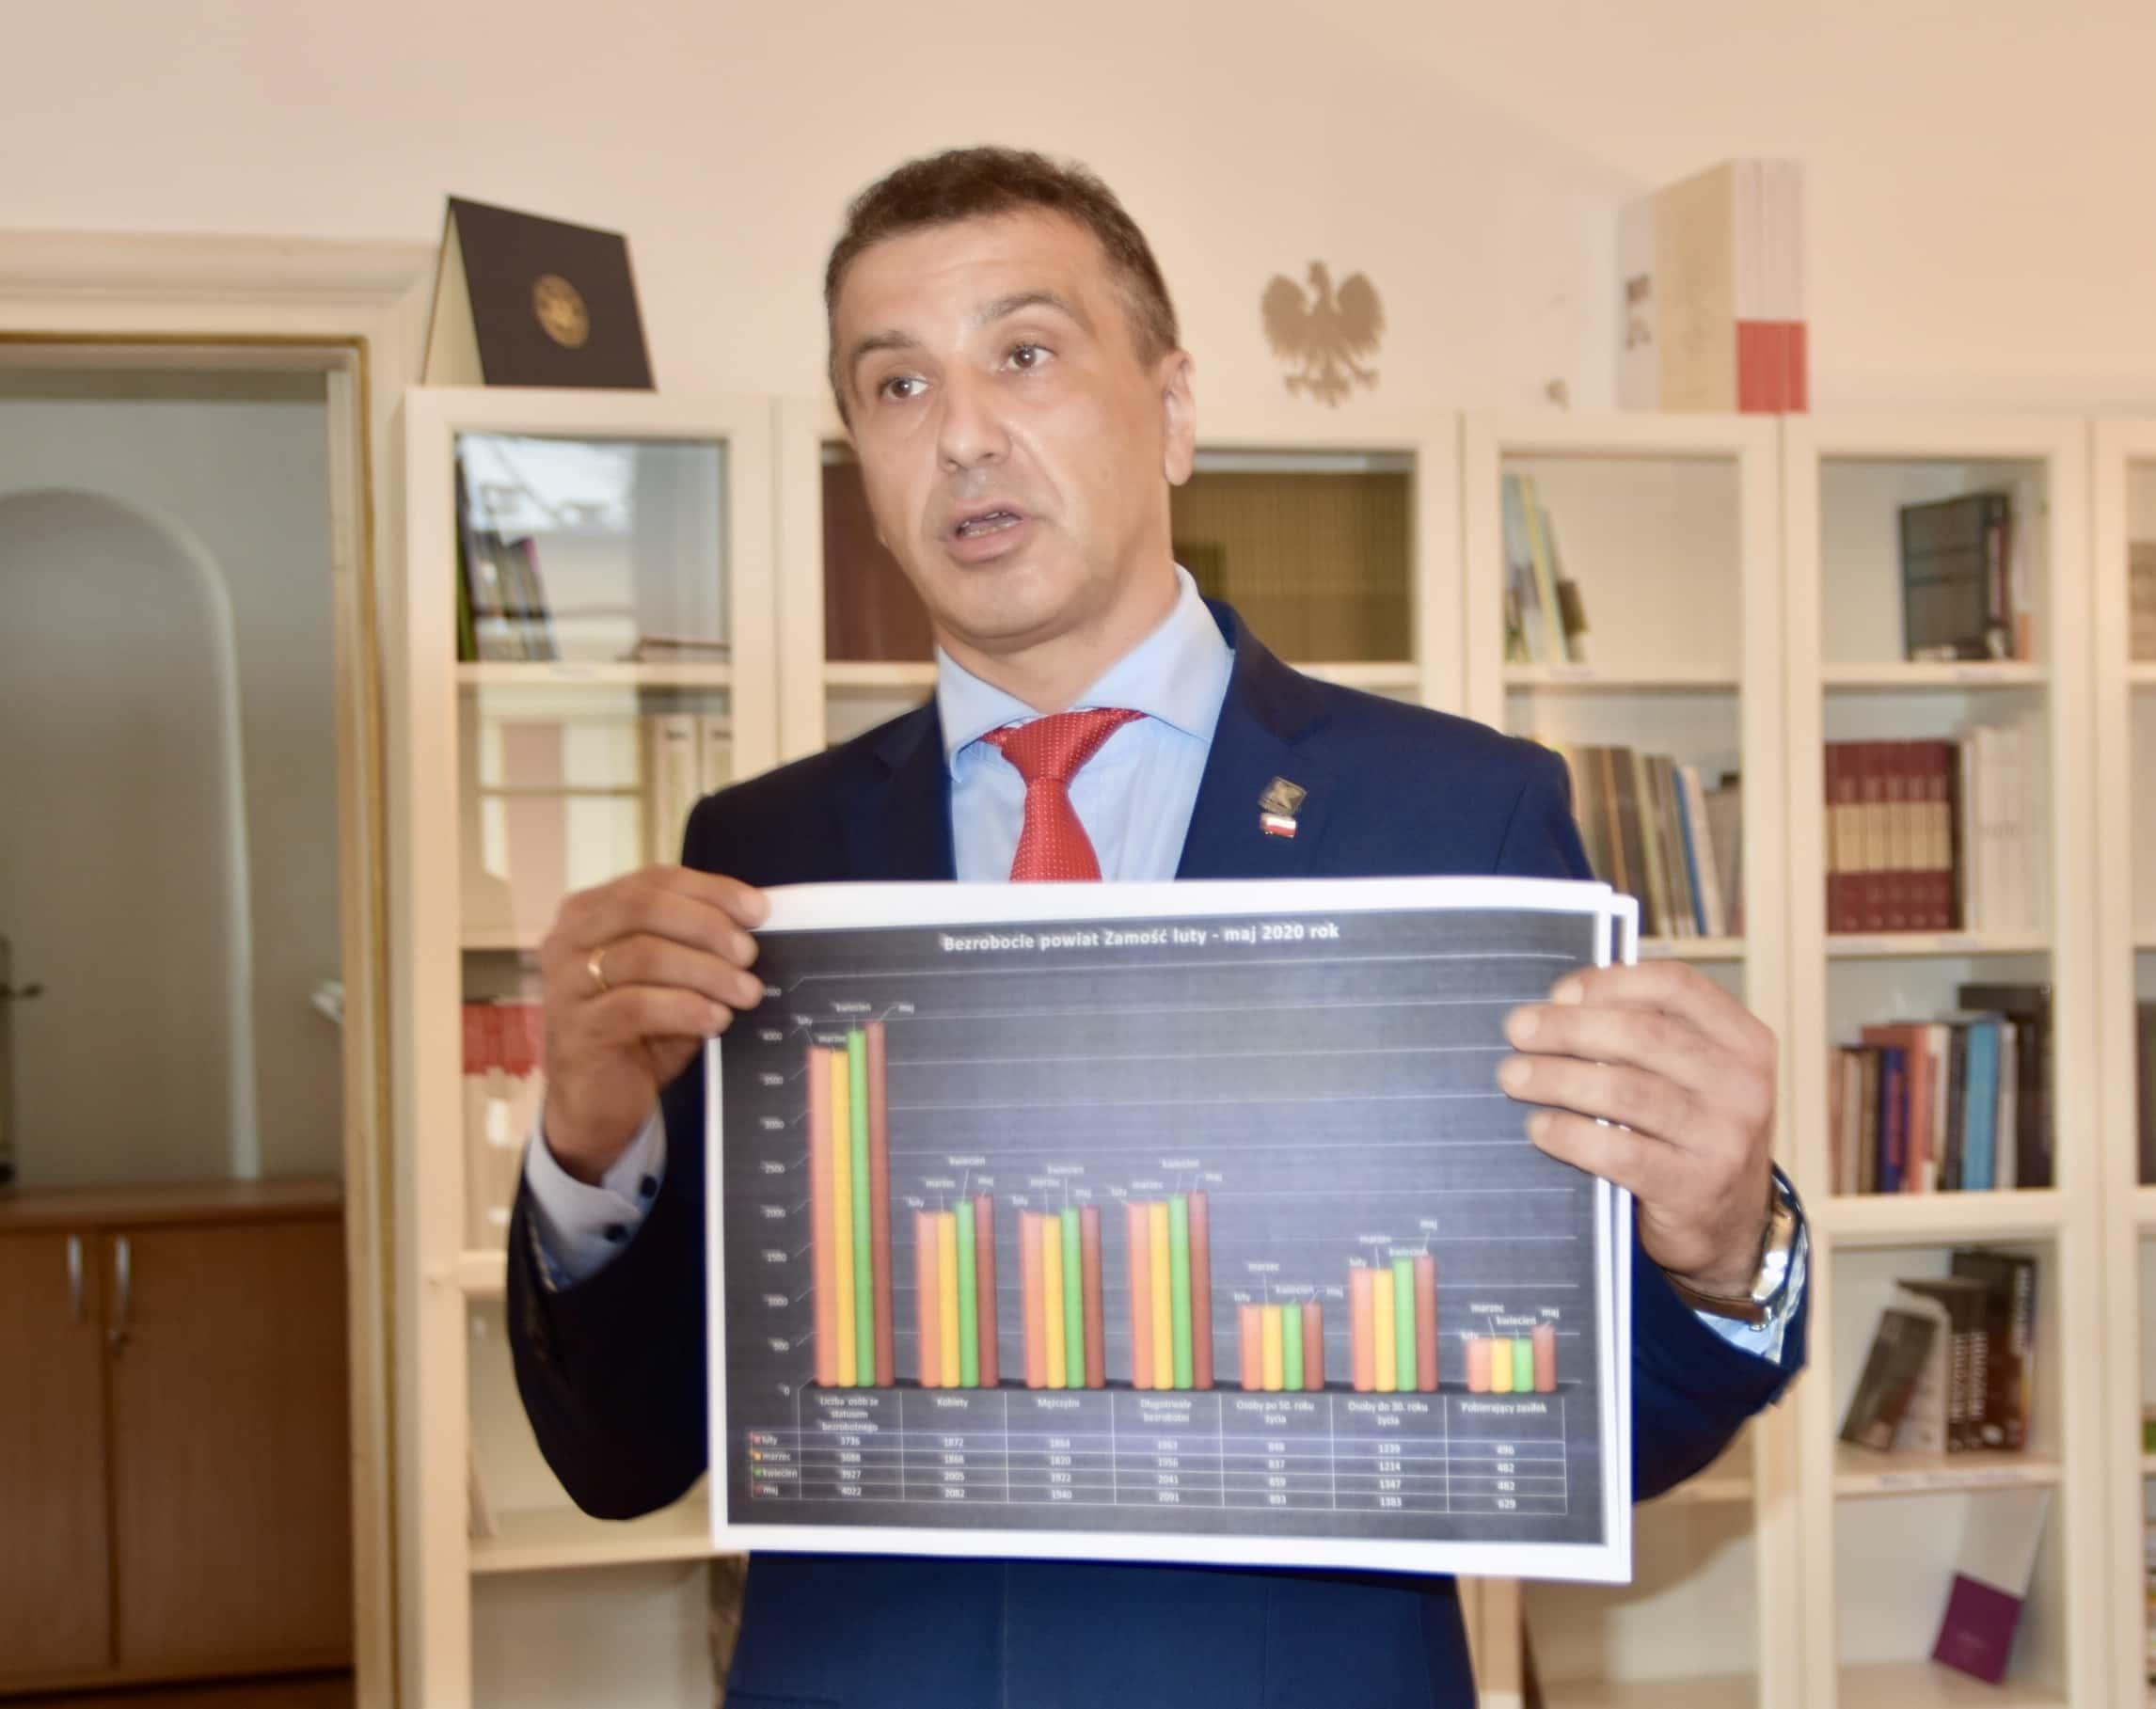 dsc 7823 Poseł Jarosław Sachajko za radykalnym obniżeniem stawek podatku VAT [FILM]